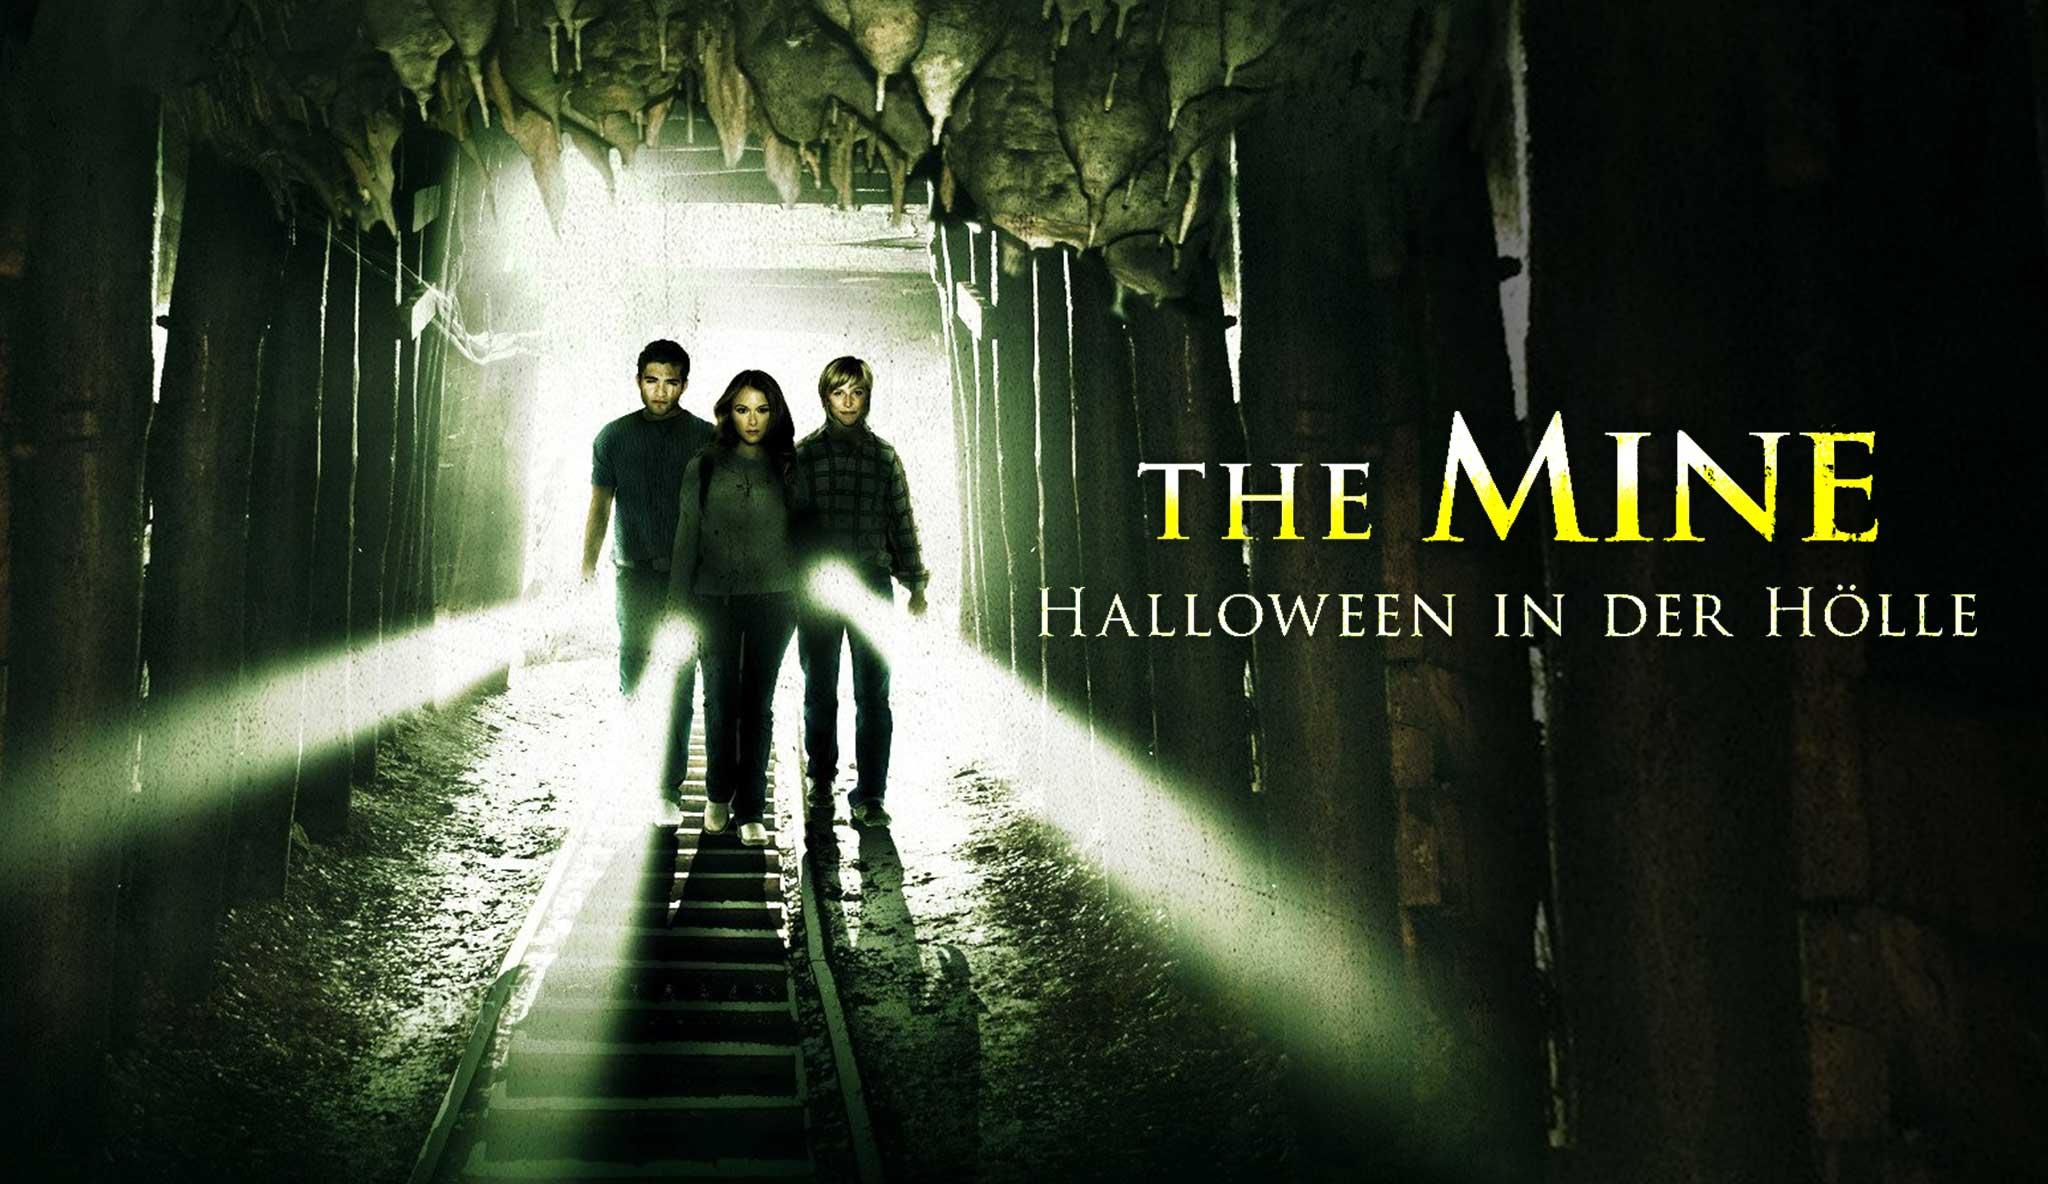 the-mine-halloween-in-der-holle\header.jpg